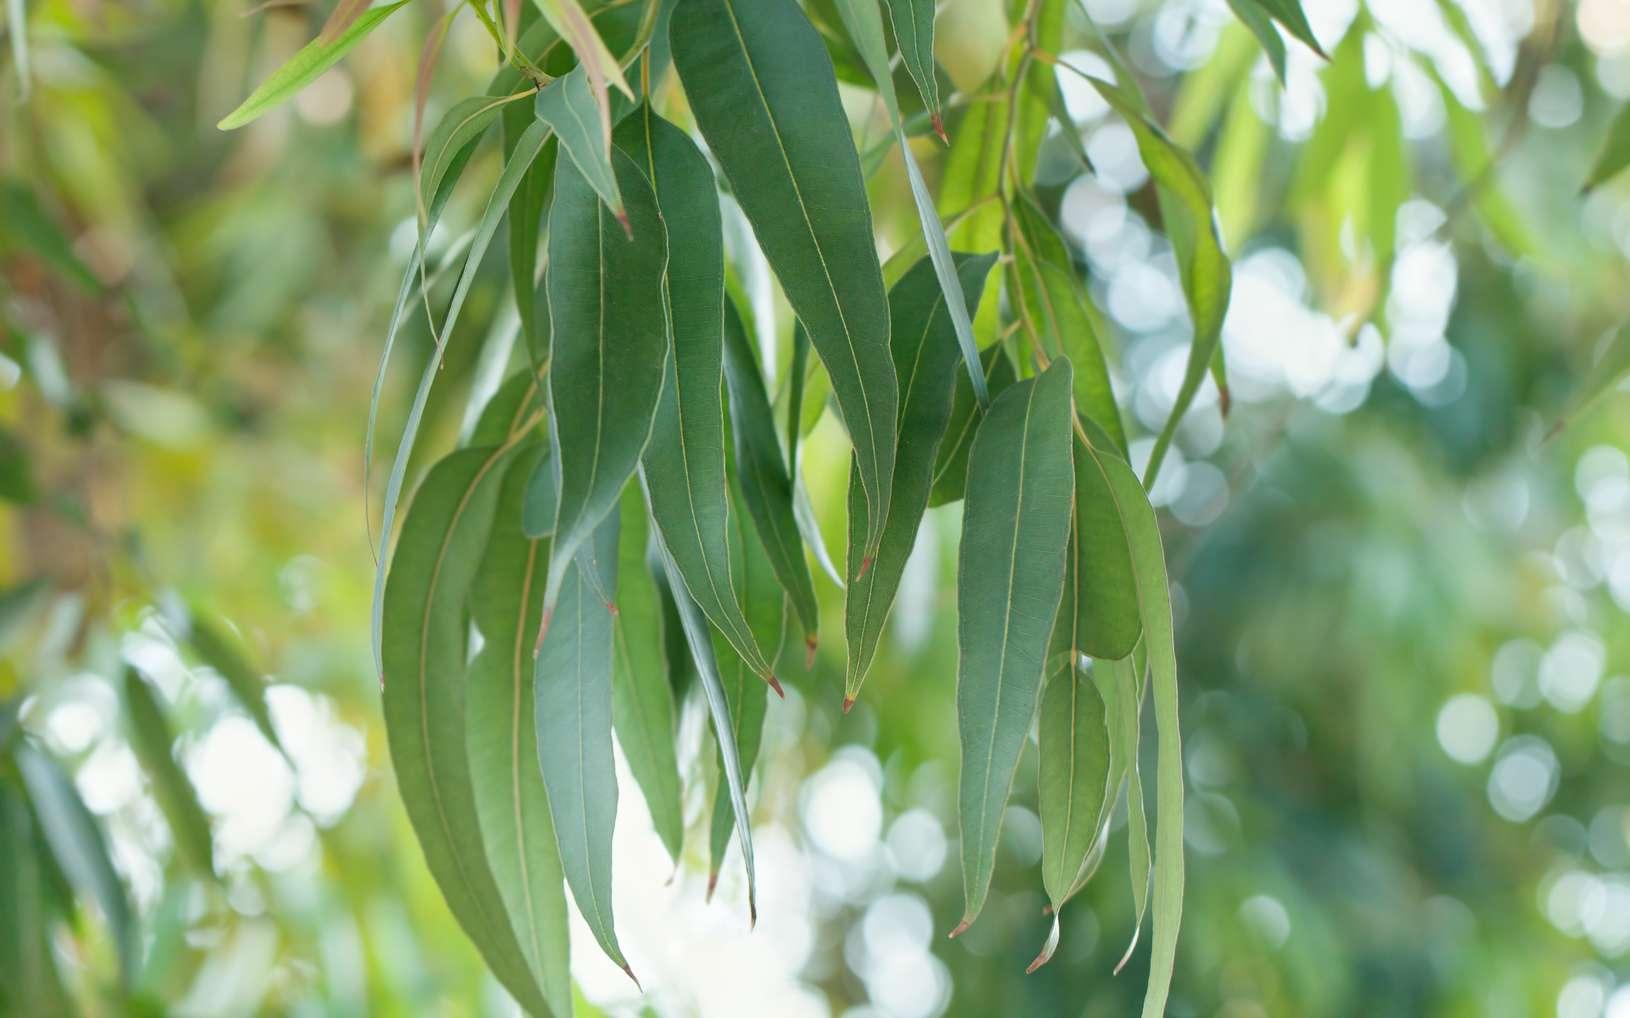 L'eucalyptus radié appartient à la famille botanique des Myrtacées et son organe producteur sont les feuilles. Cette espèce est la plus utilisée en pharmacie pour son huile essentielle. © janaph, Fotolia